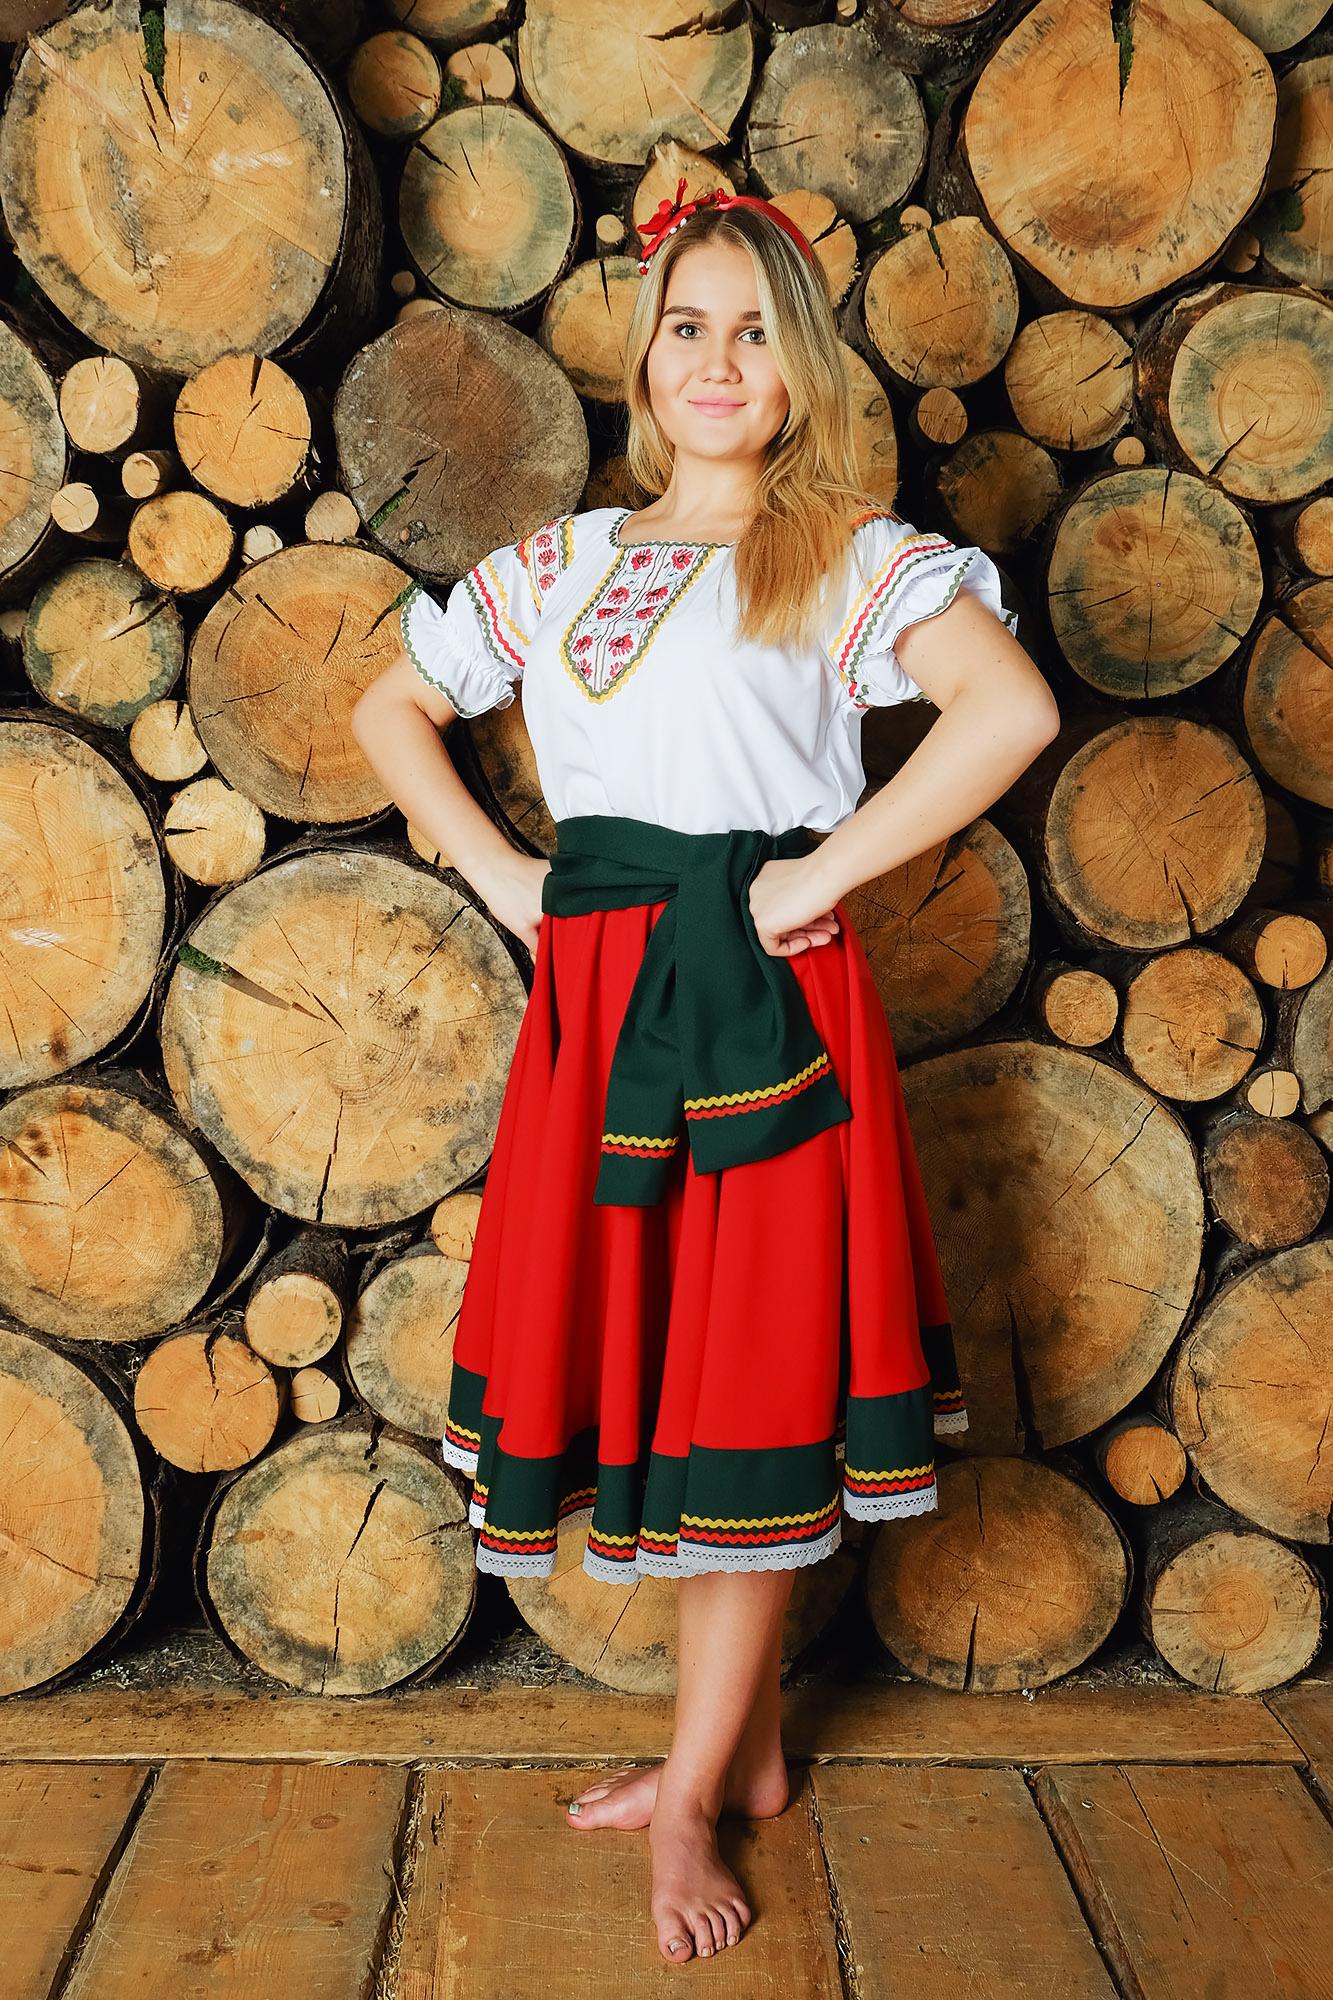 костюм Маков цвет в русском стиле на фоне